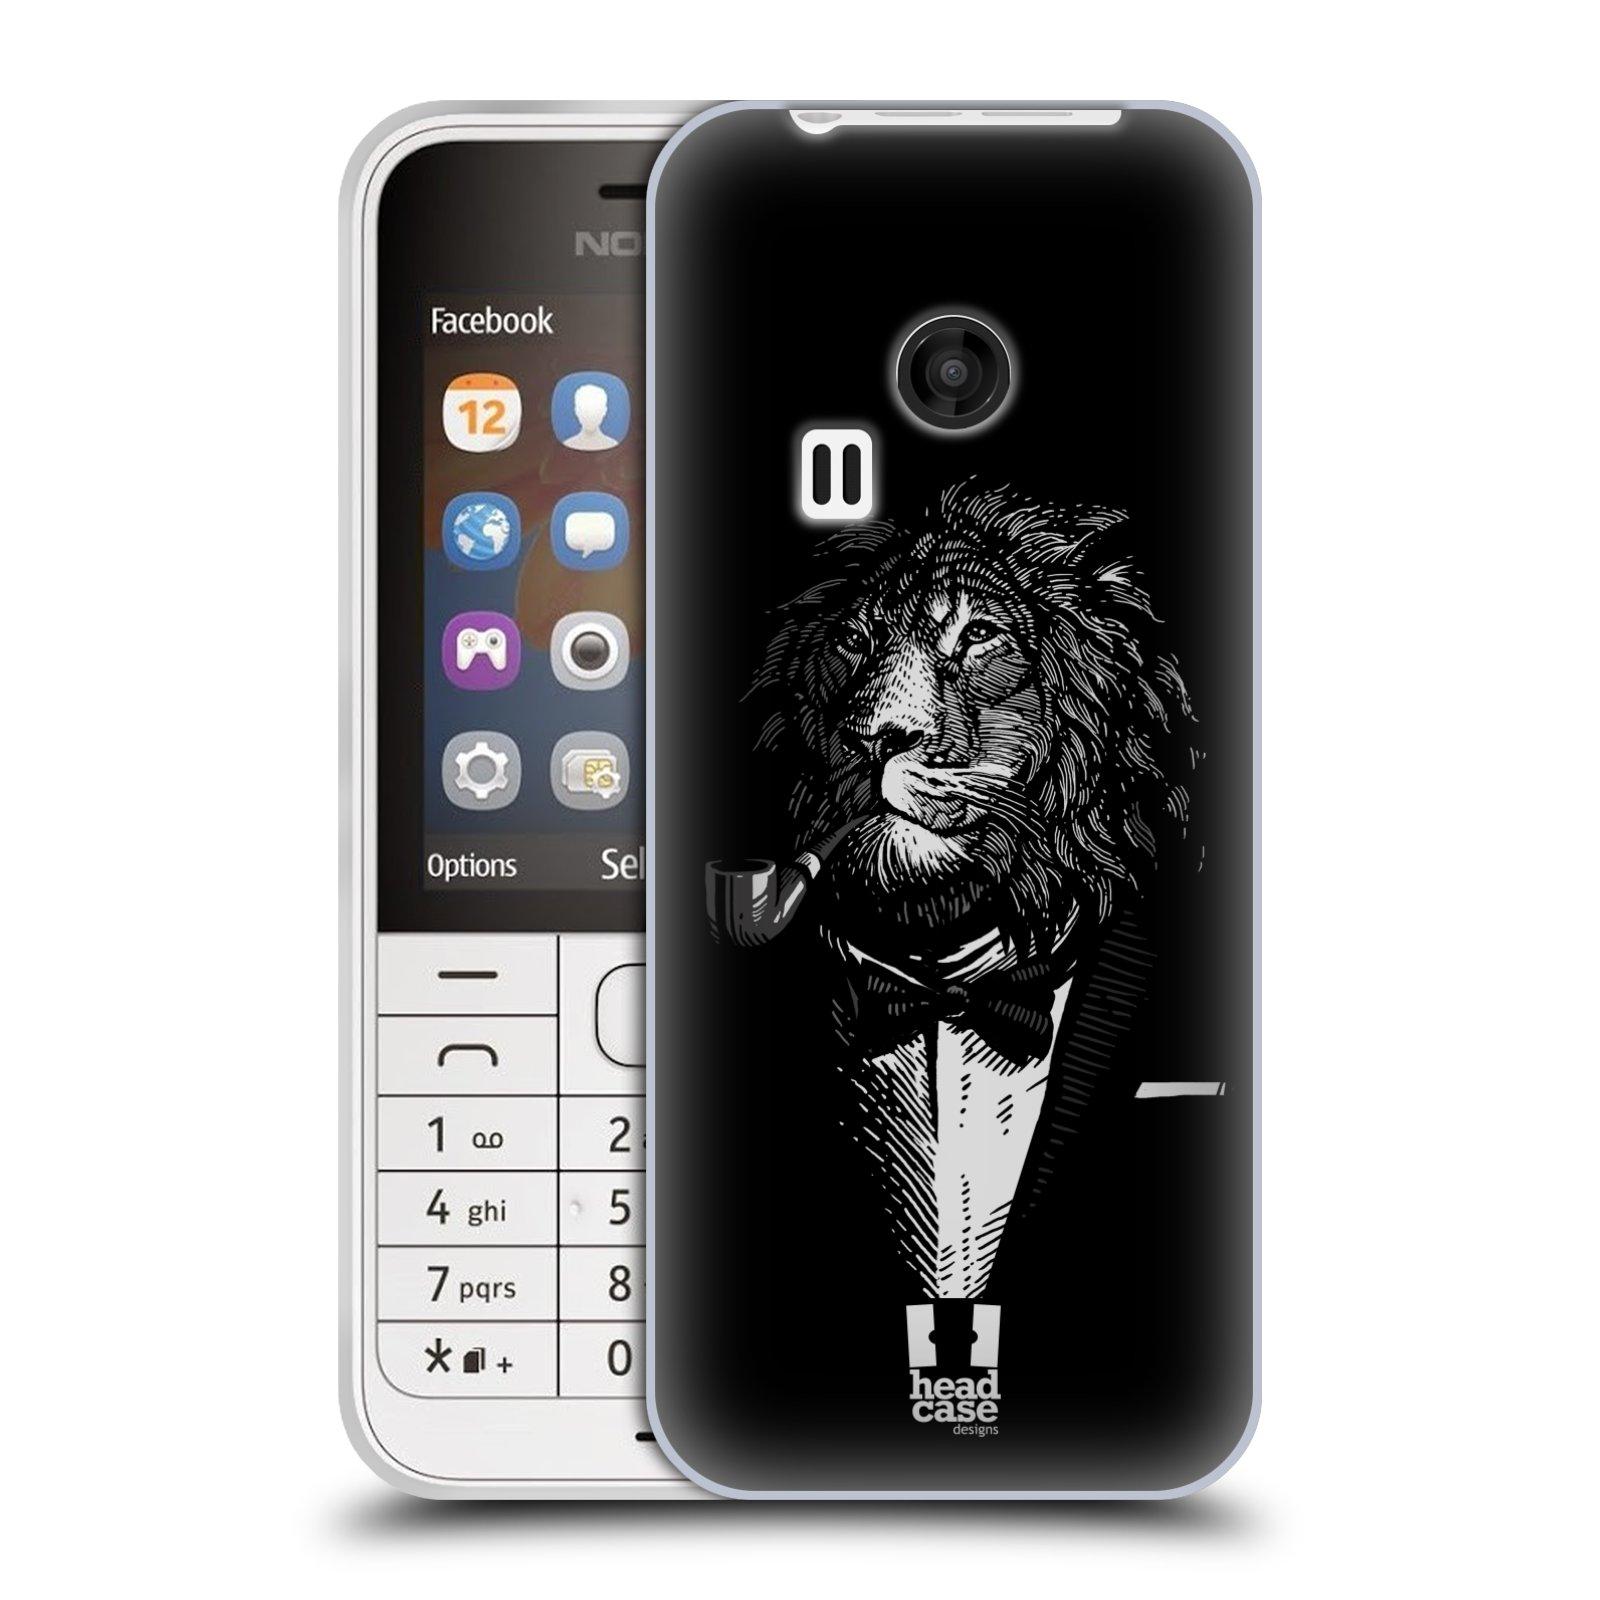 HEAD CASE silikonový obal na mobil NOKIA 220 / NOKIA 220 DUAL SIM vzor Zvíře v obleku lev